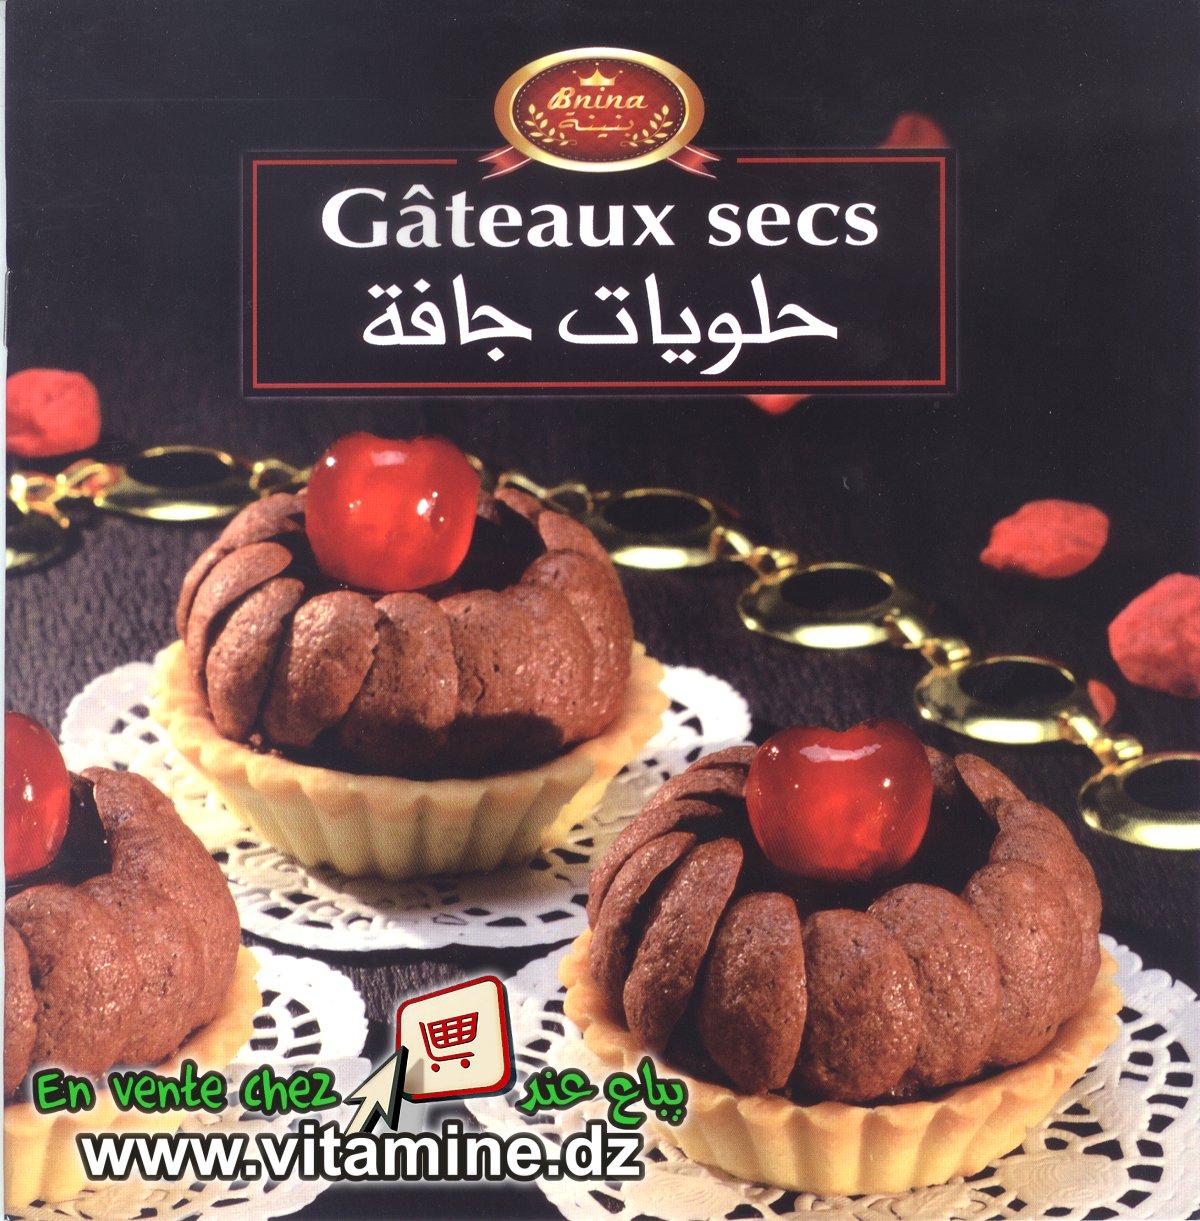 Bnina - Gâteaux secs